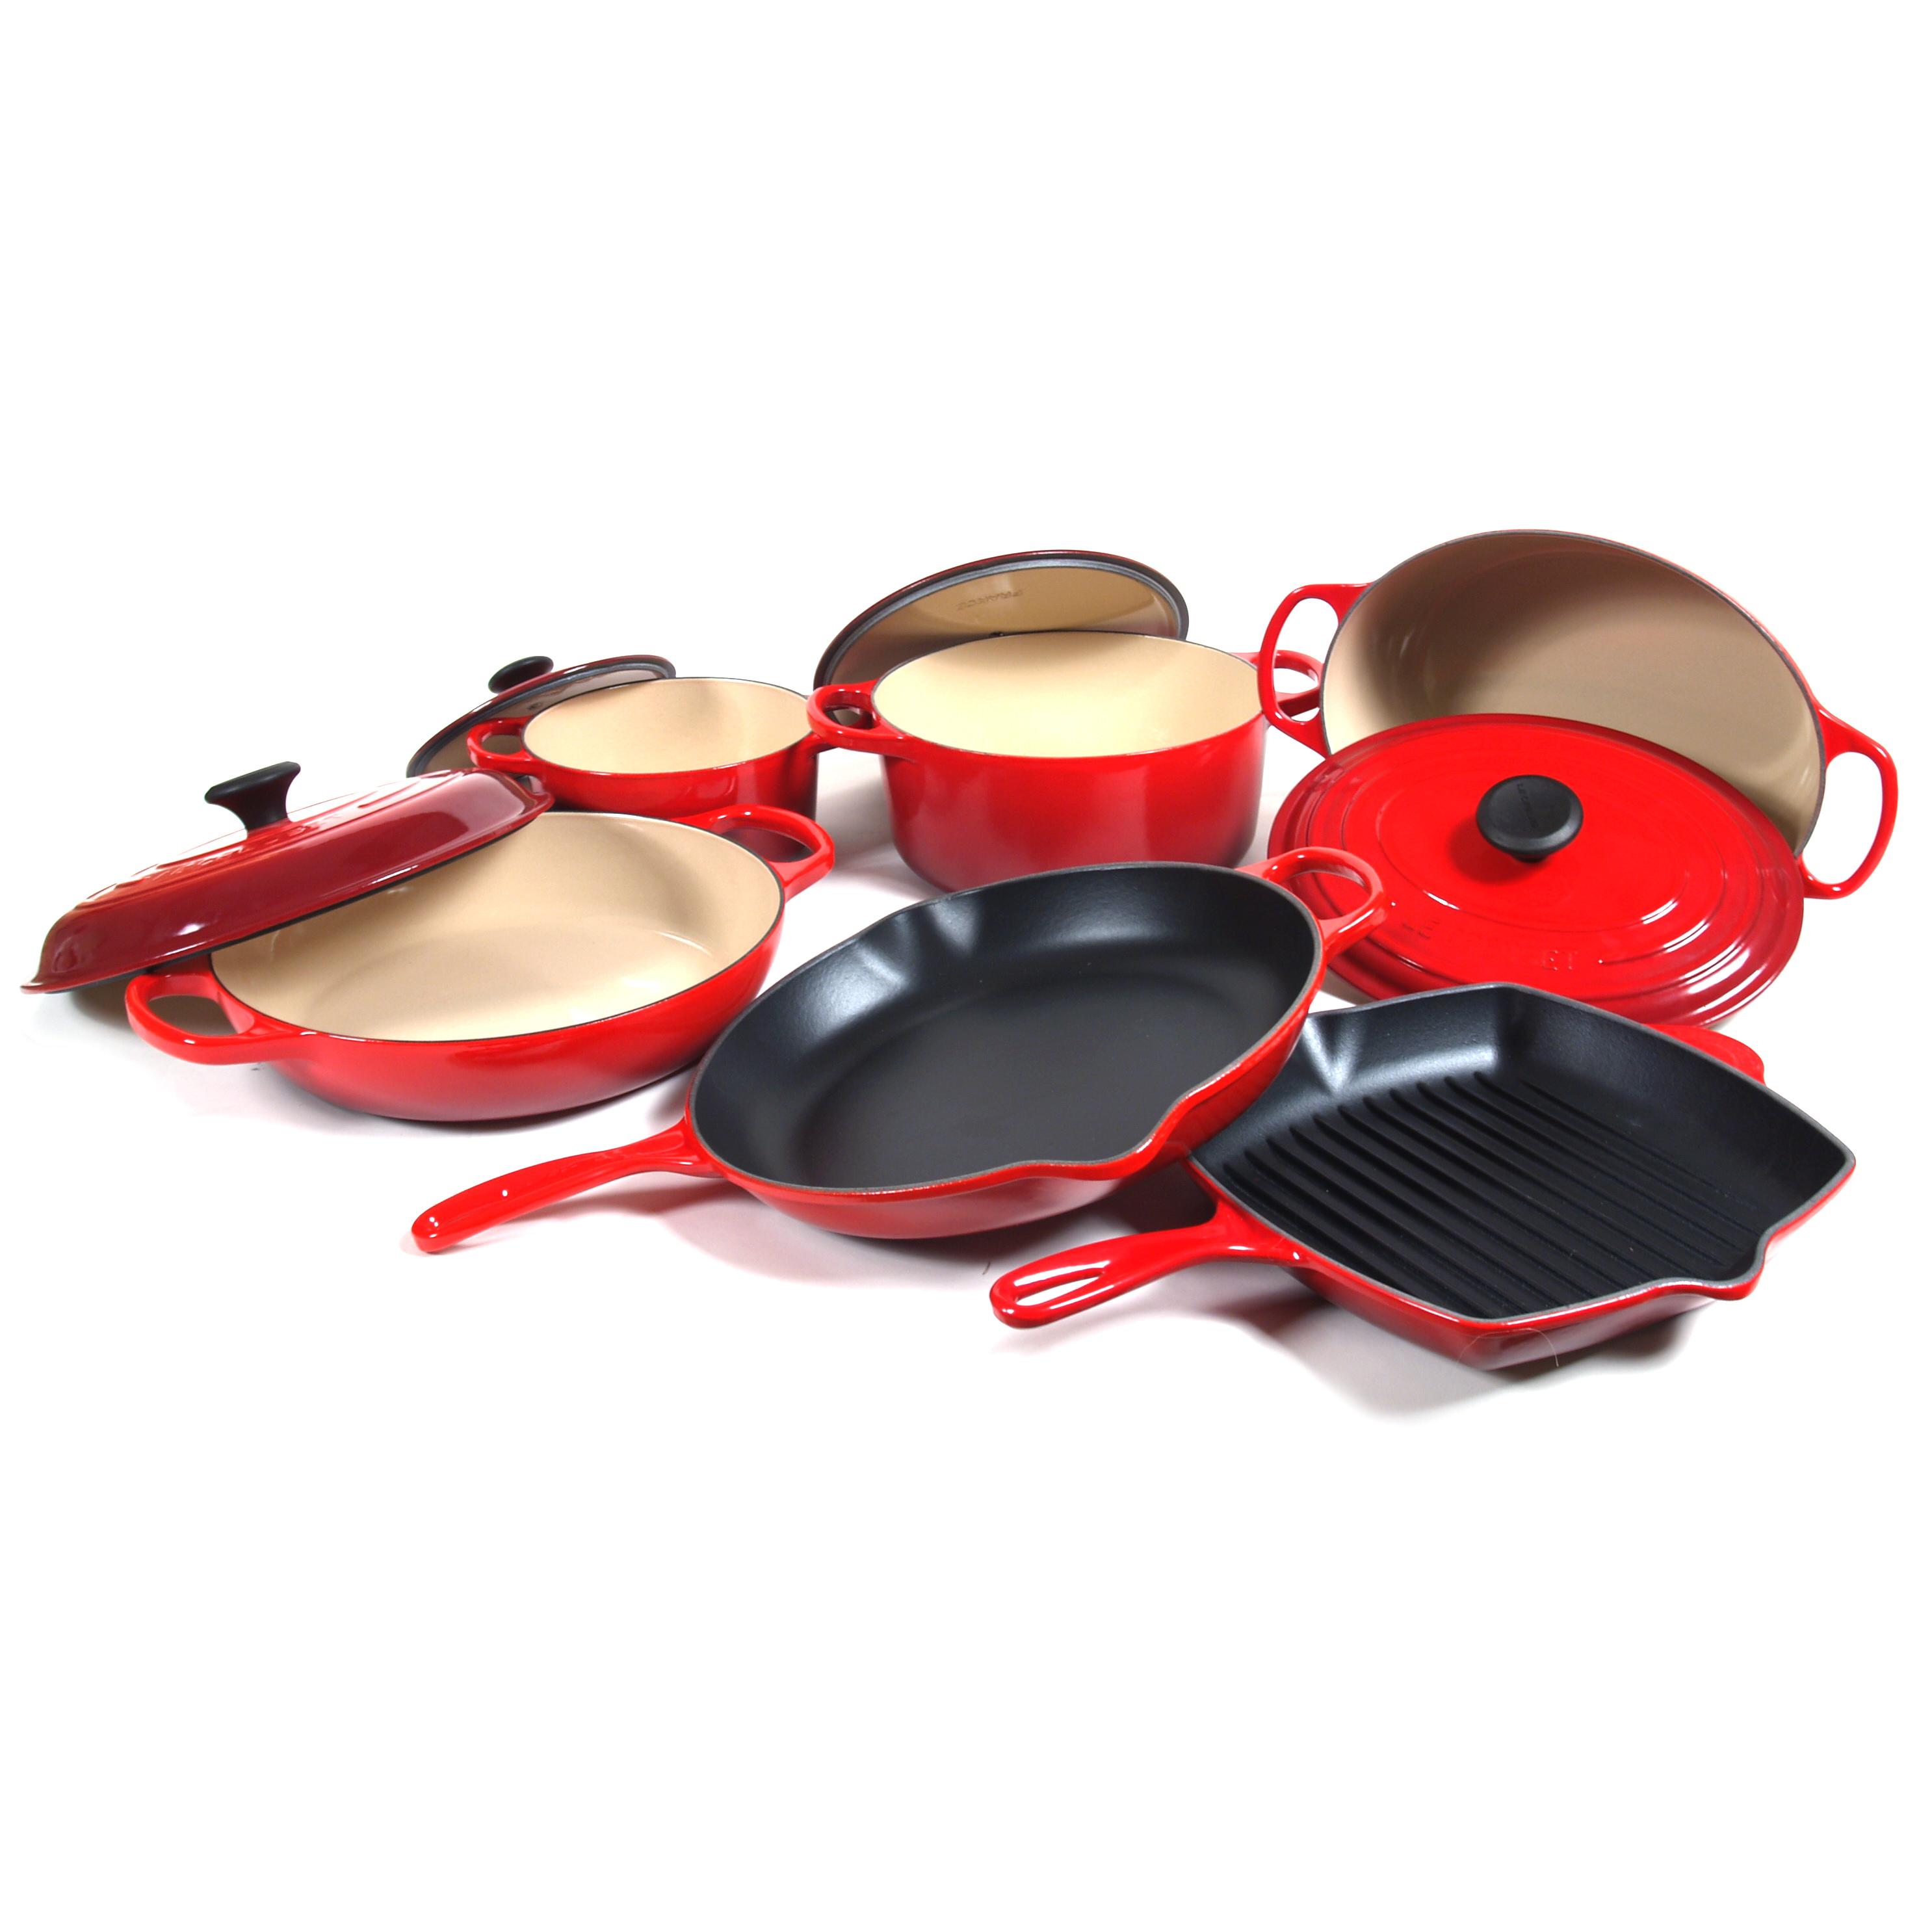 Le Creuset Signature 10 Piece Cherry Enameled Cast Iron Cookware Set